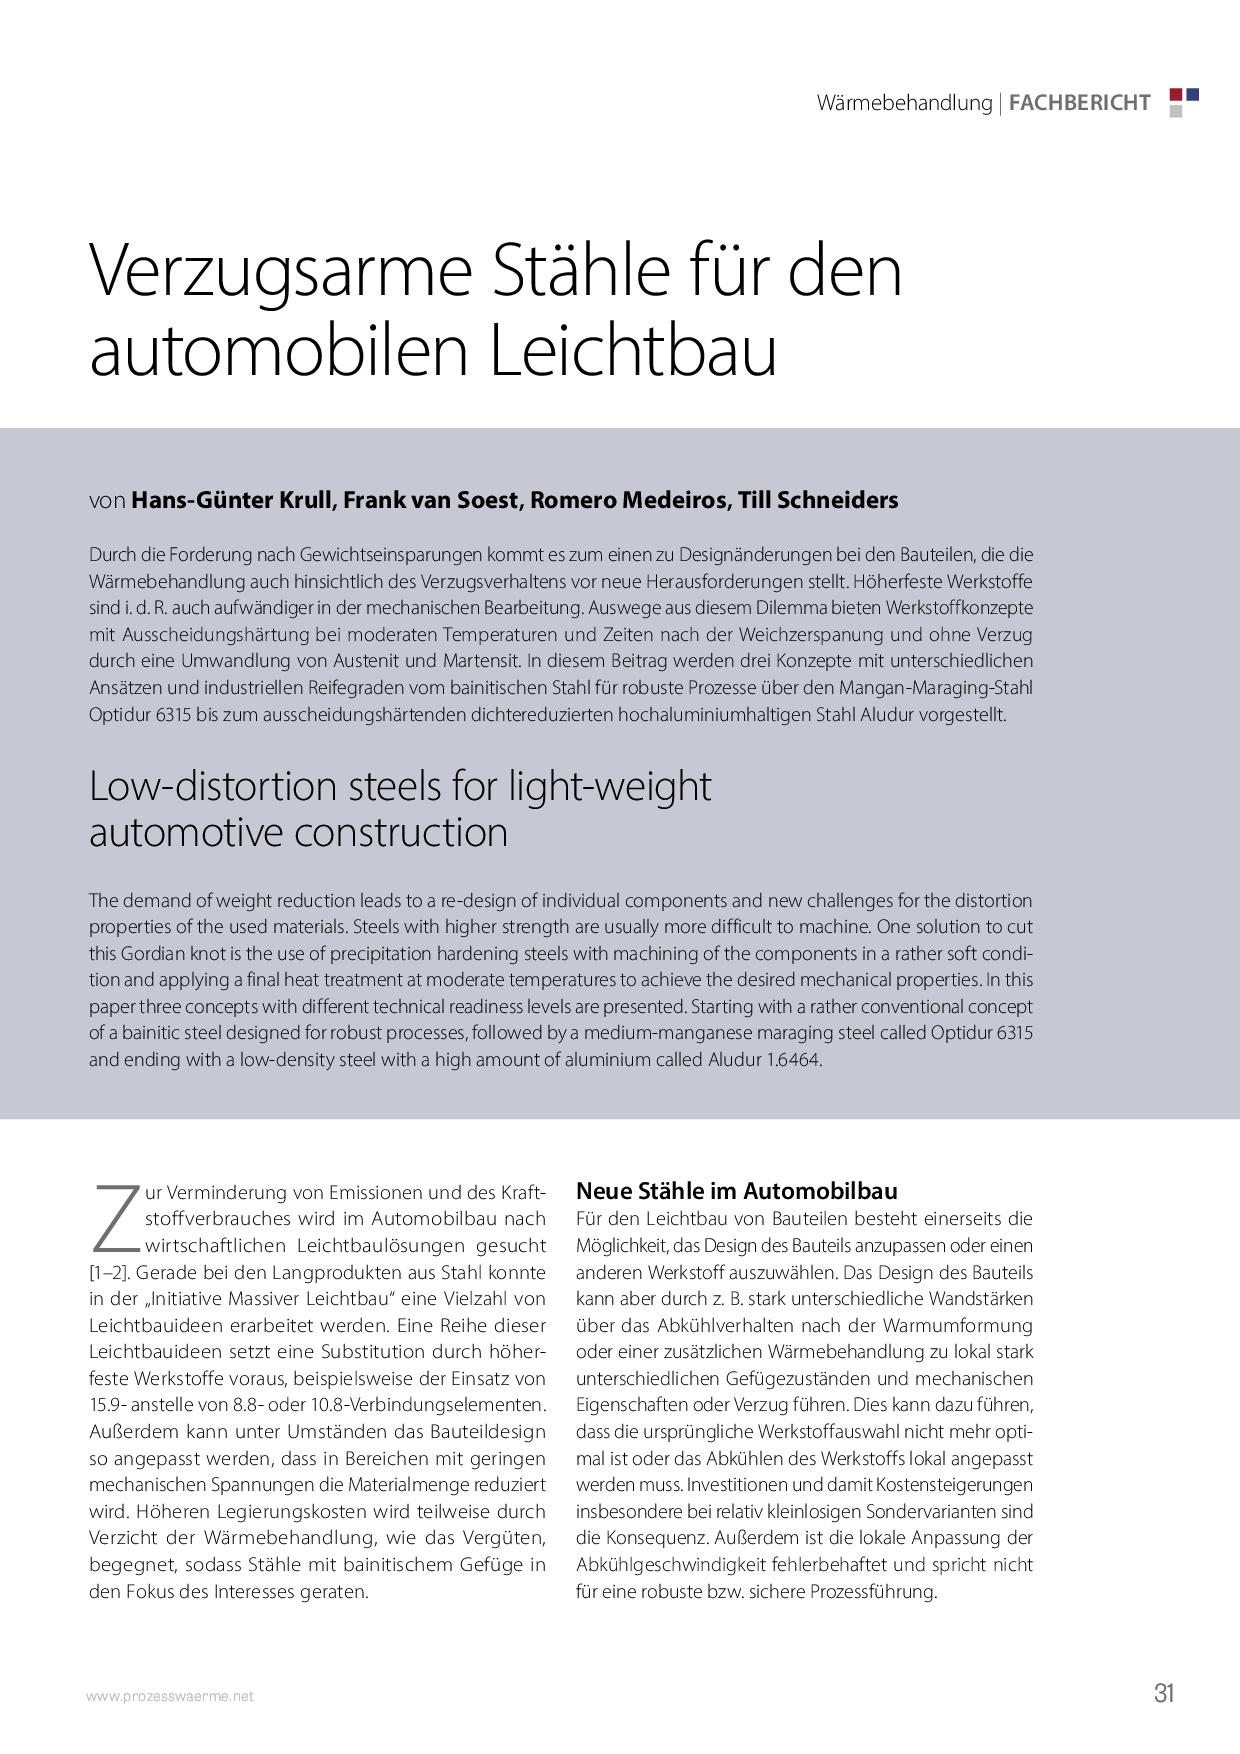 Verzugsarme Stähle für den automobilen Leichtbau